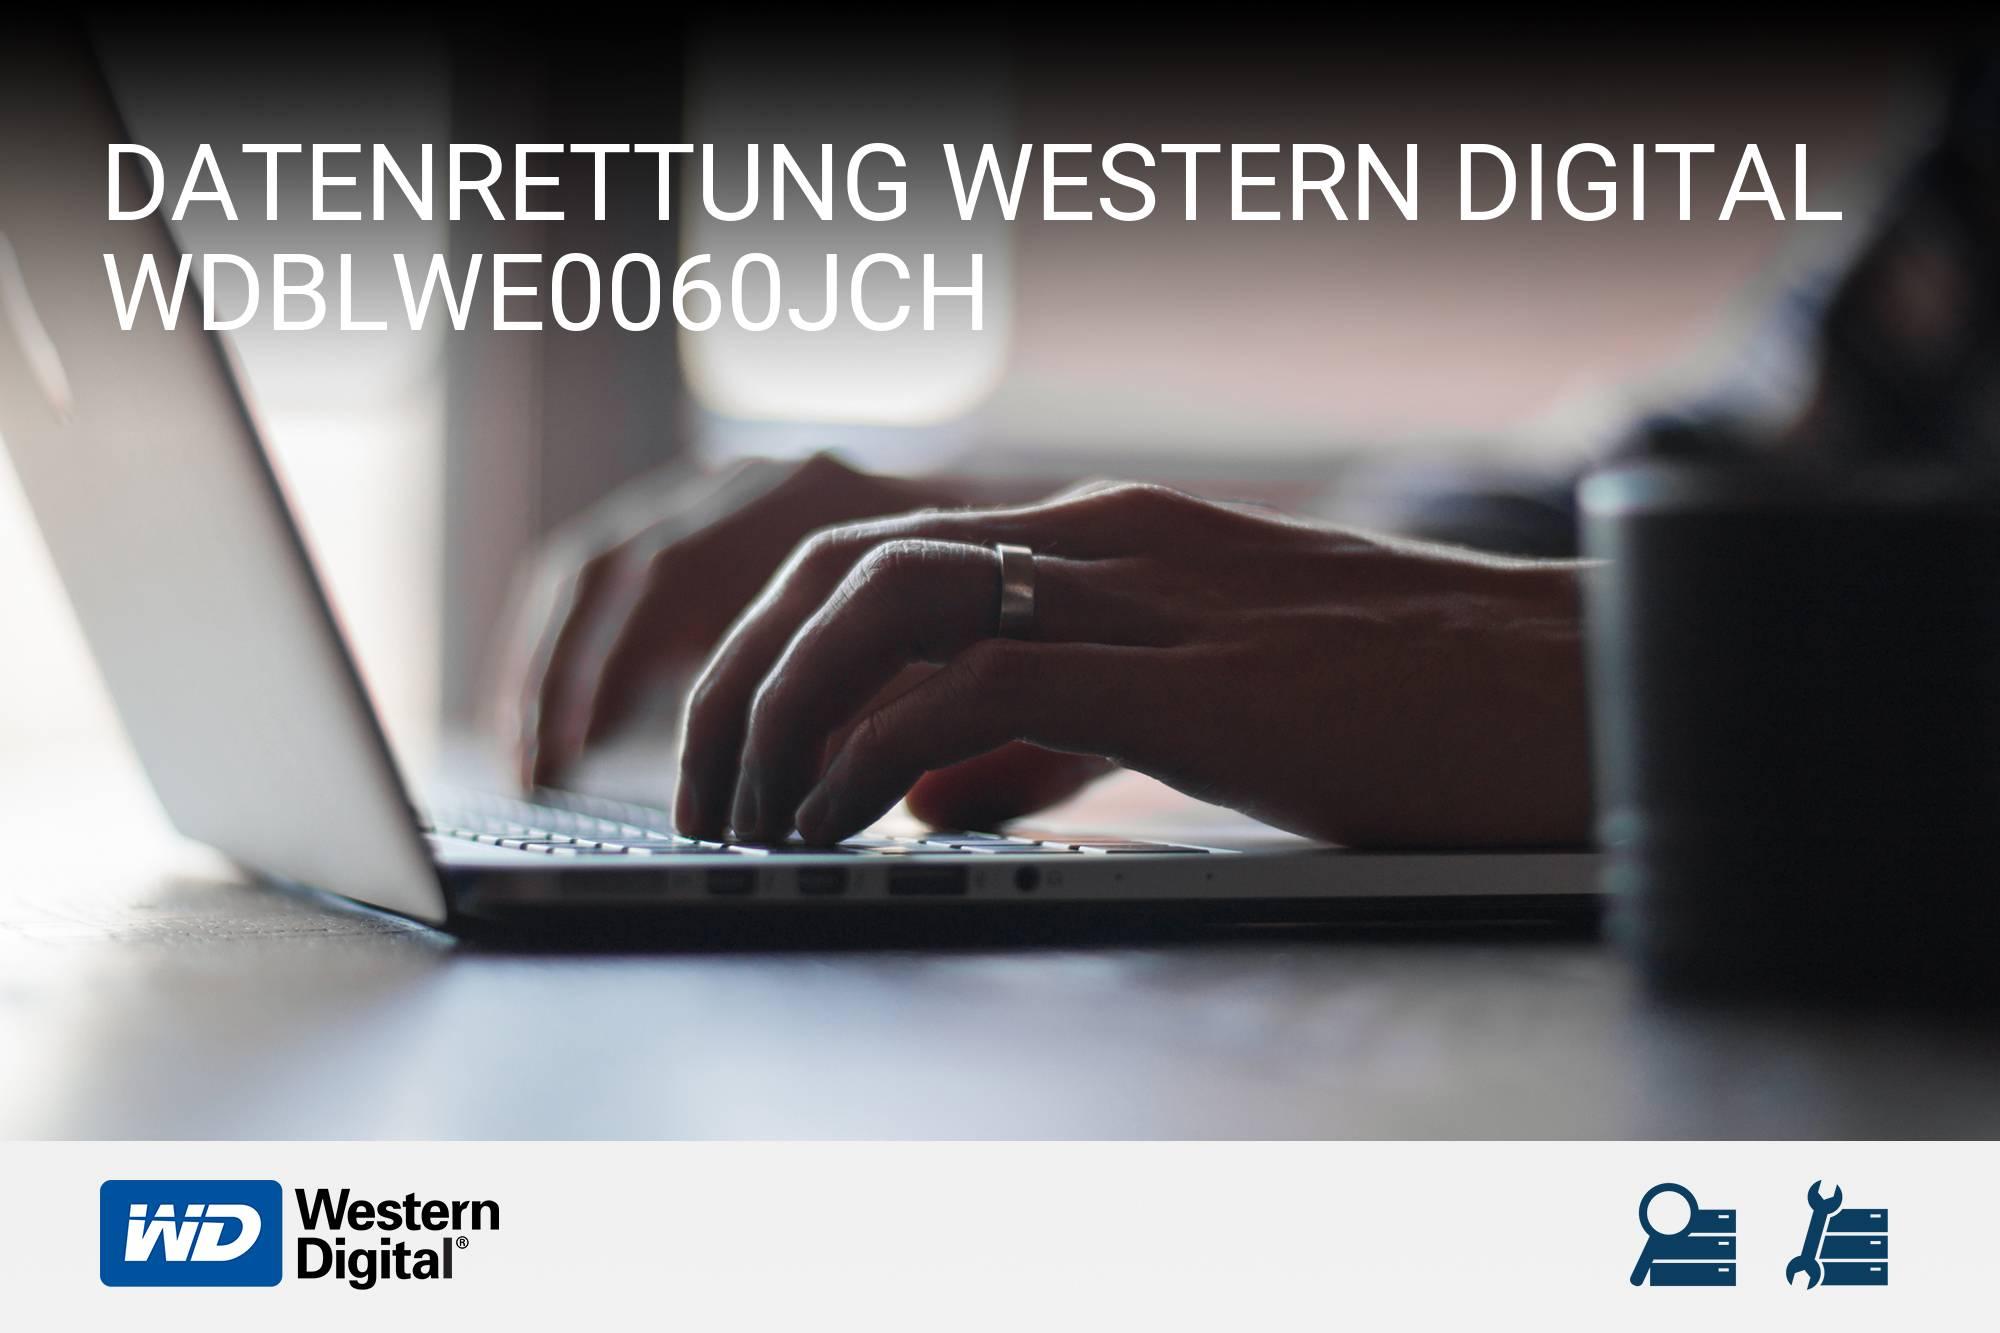 Western Digital WDBLWE0060JCH